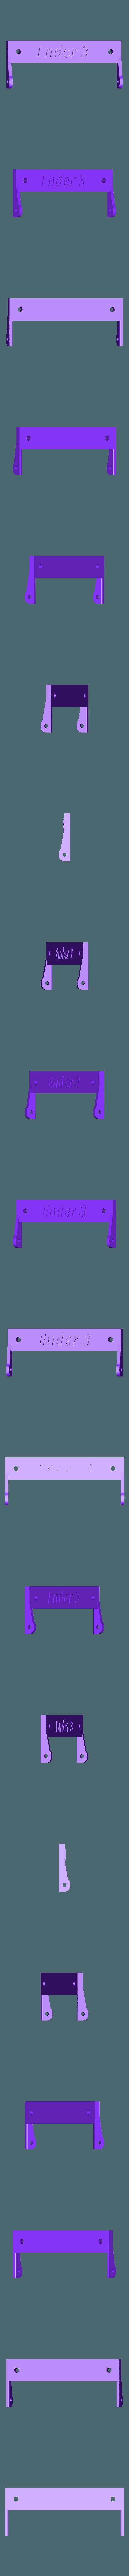 LED_for_ender3_v4.stl Télécharger fichier STL gratuit Support de LED pour l'éclairage ENDER 3 • Plan pour imprimante 3D, georgek